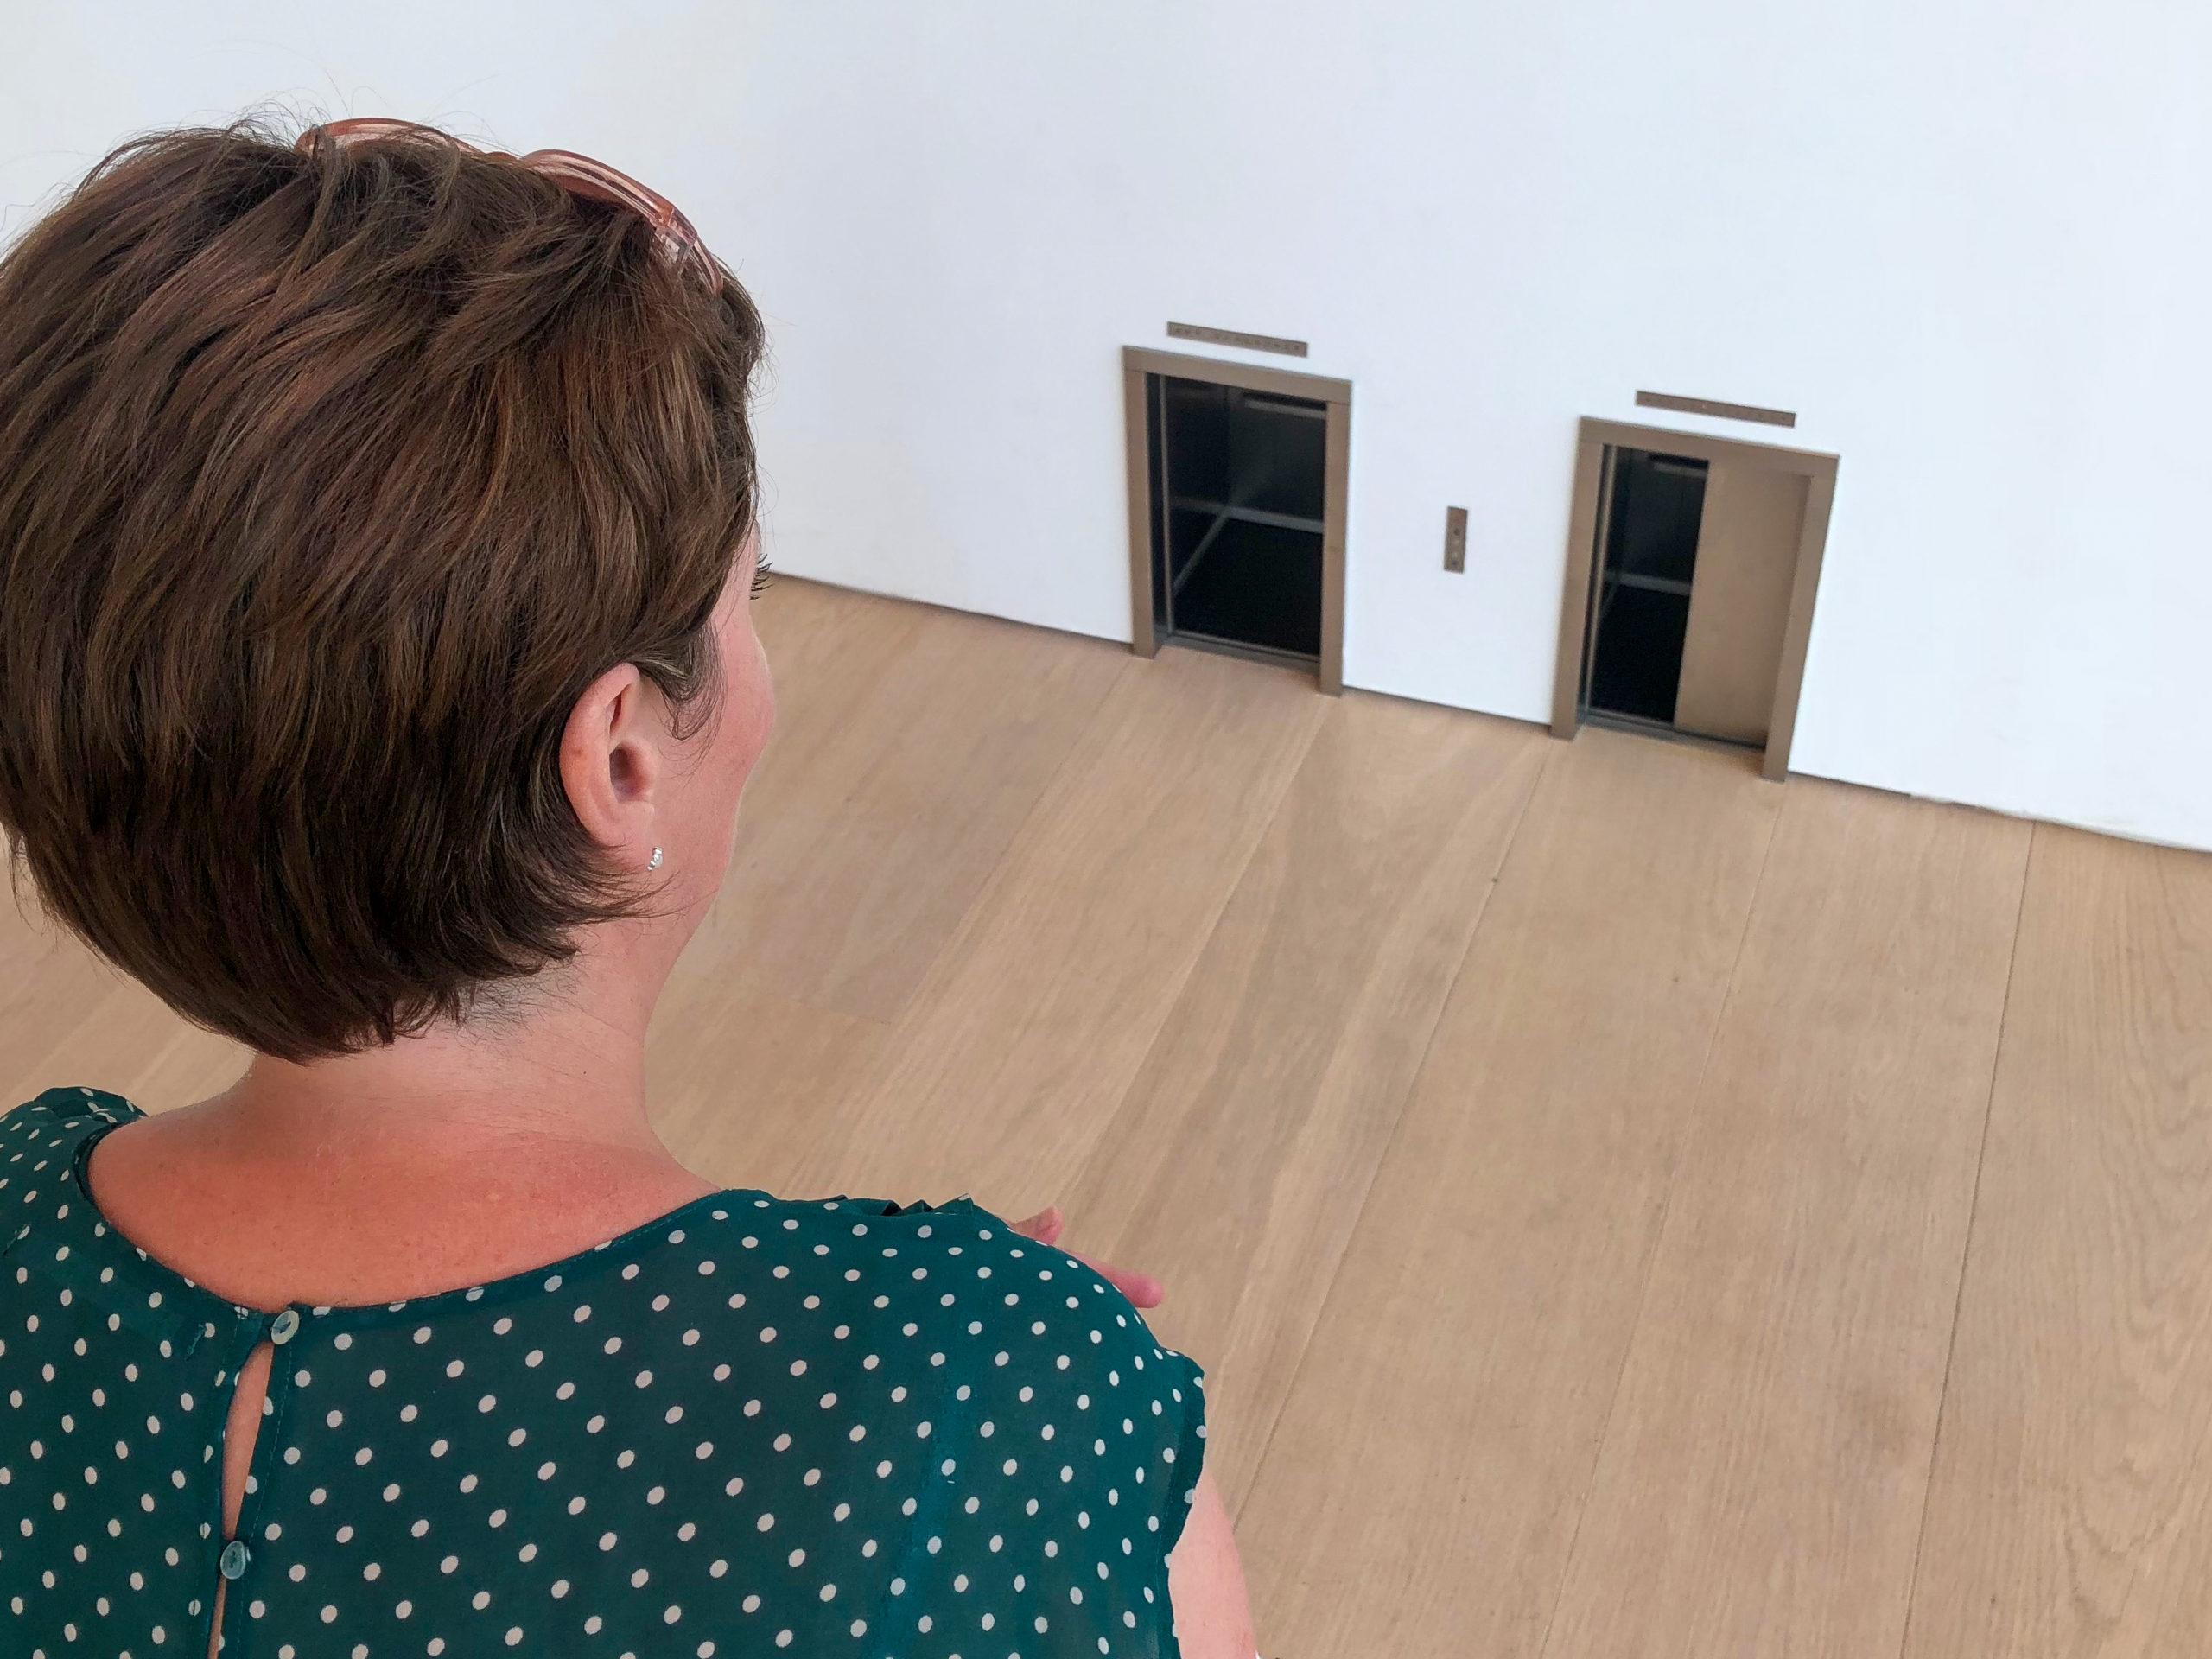 Mäuse-Aufzüge? Diese Frage stellt sich beim Anblick des Kunstwerks von Maurizio Cattelan.